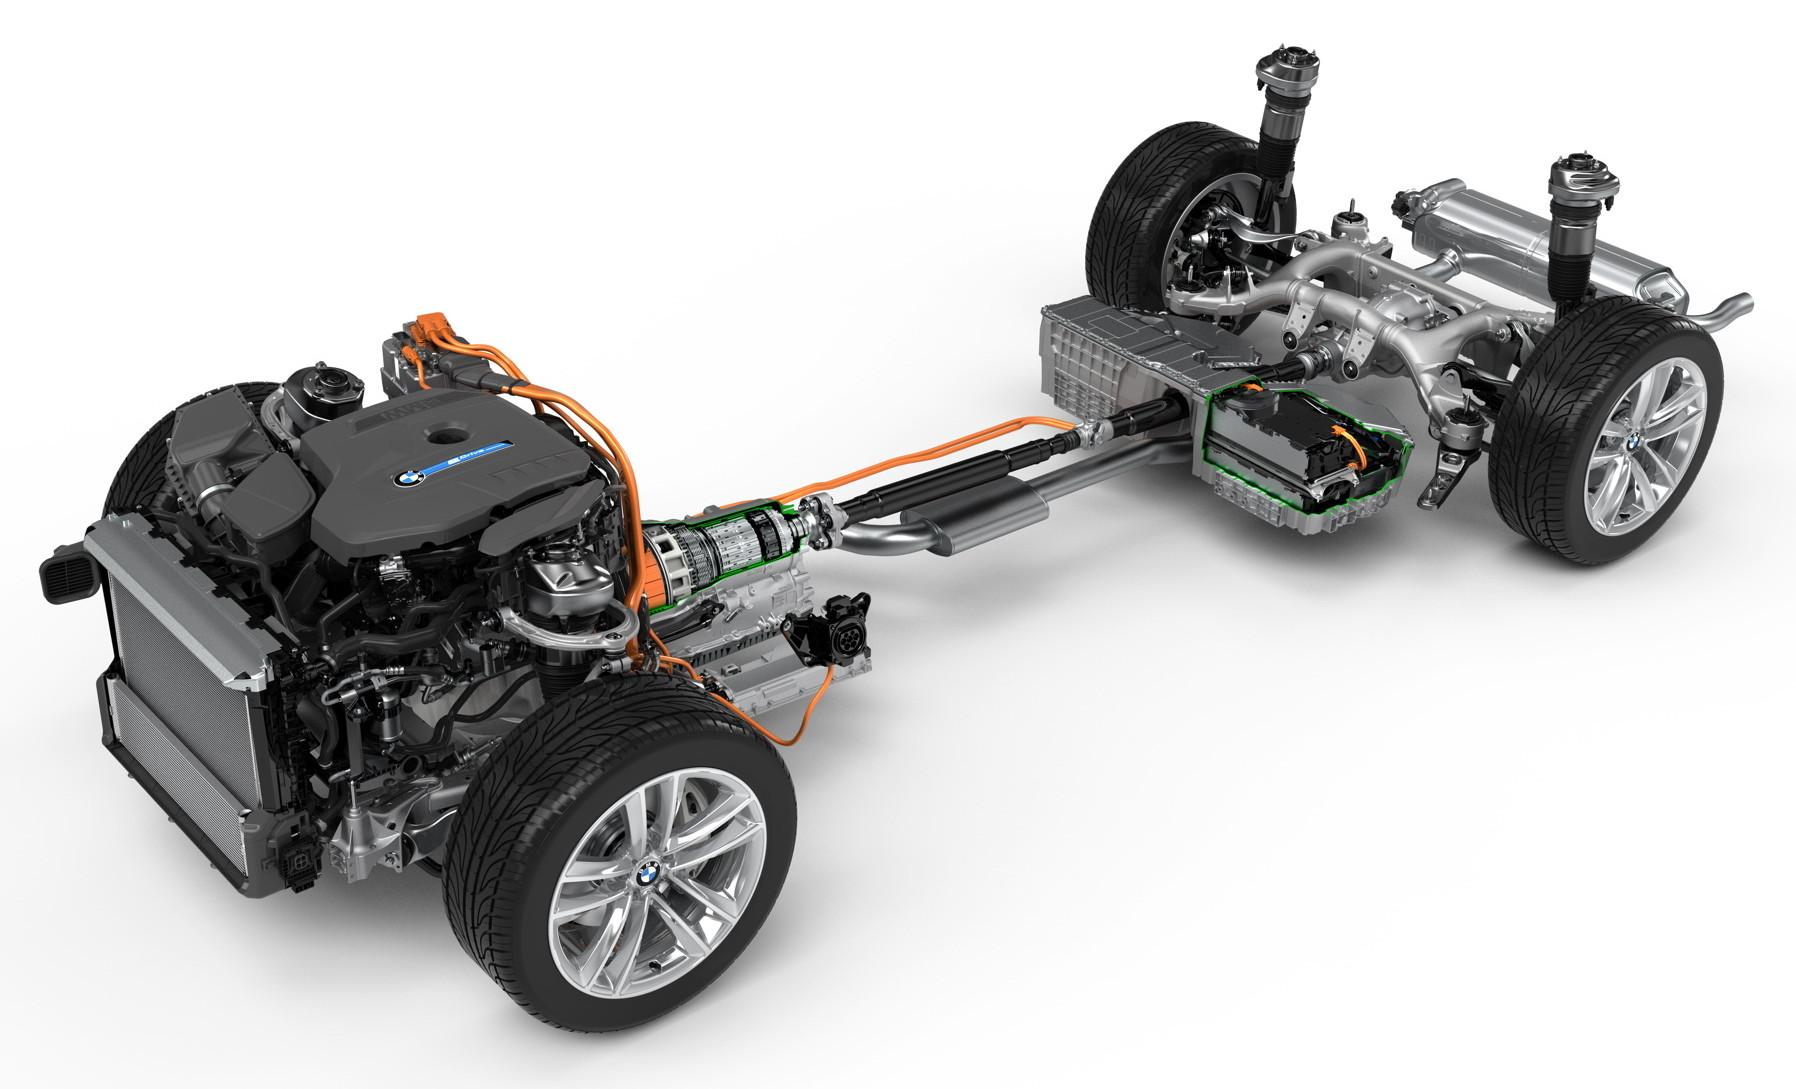 bmw i8 engine diagram wiring diagrams bmw i3 bmw i8 engine diagram [ 1796 x 1089 Pixel ]